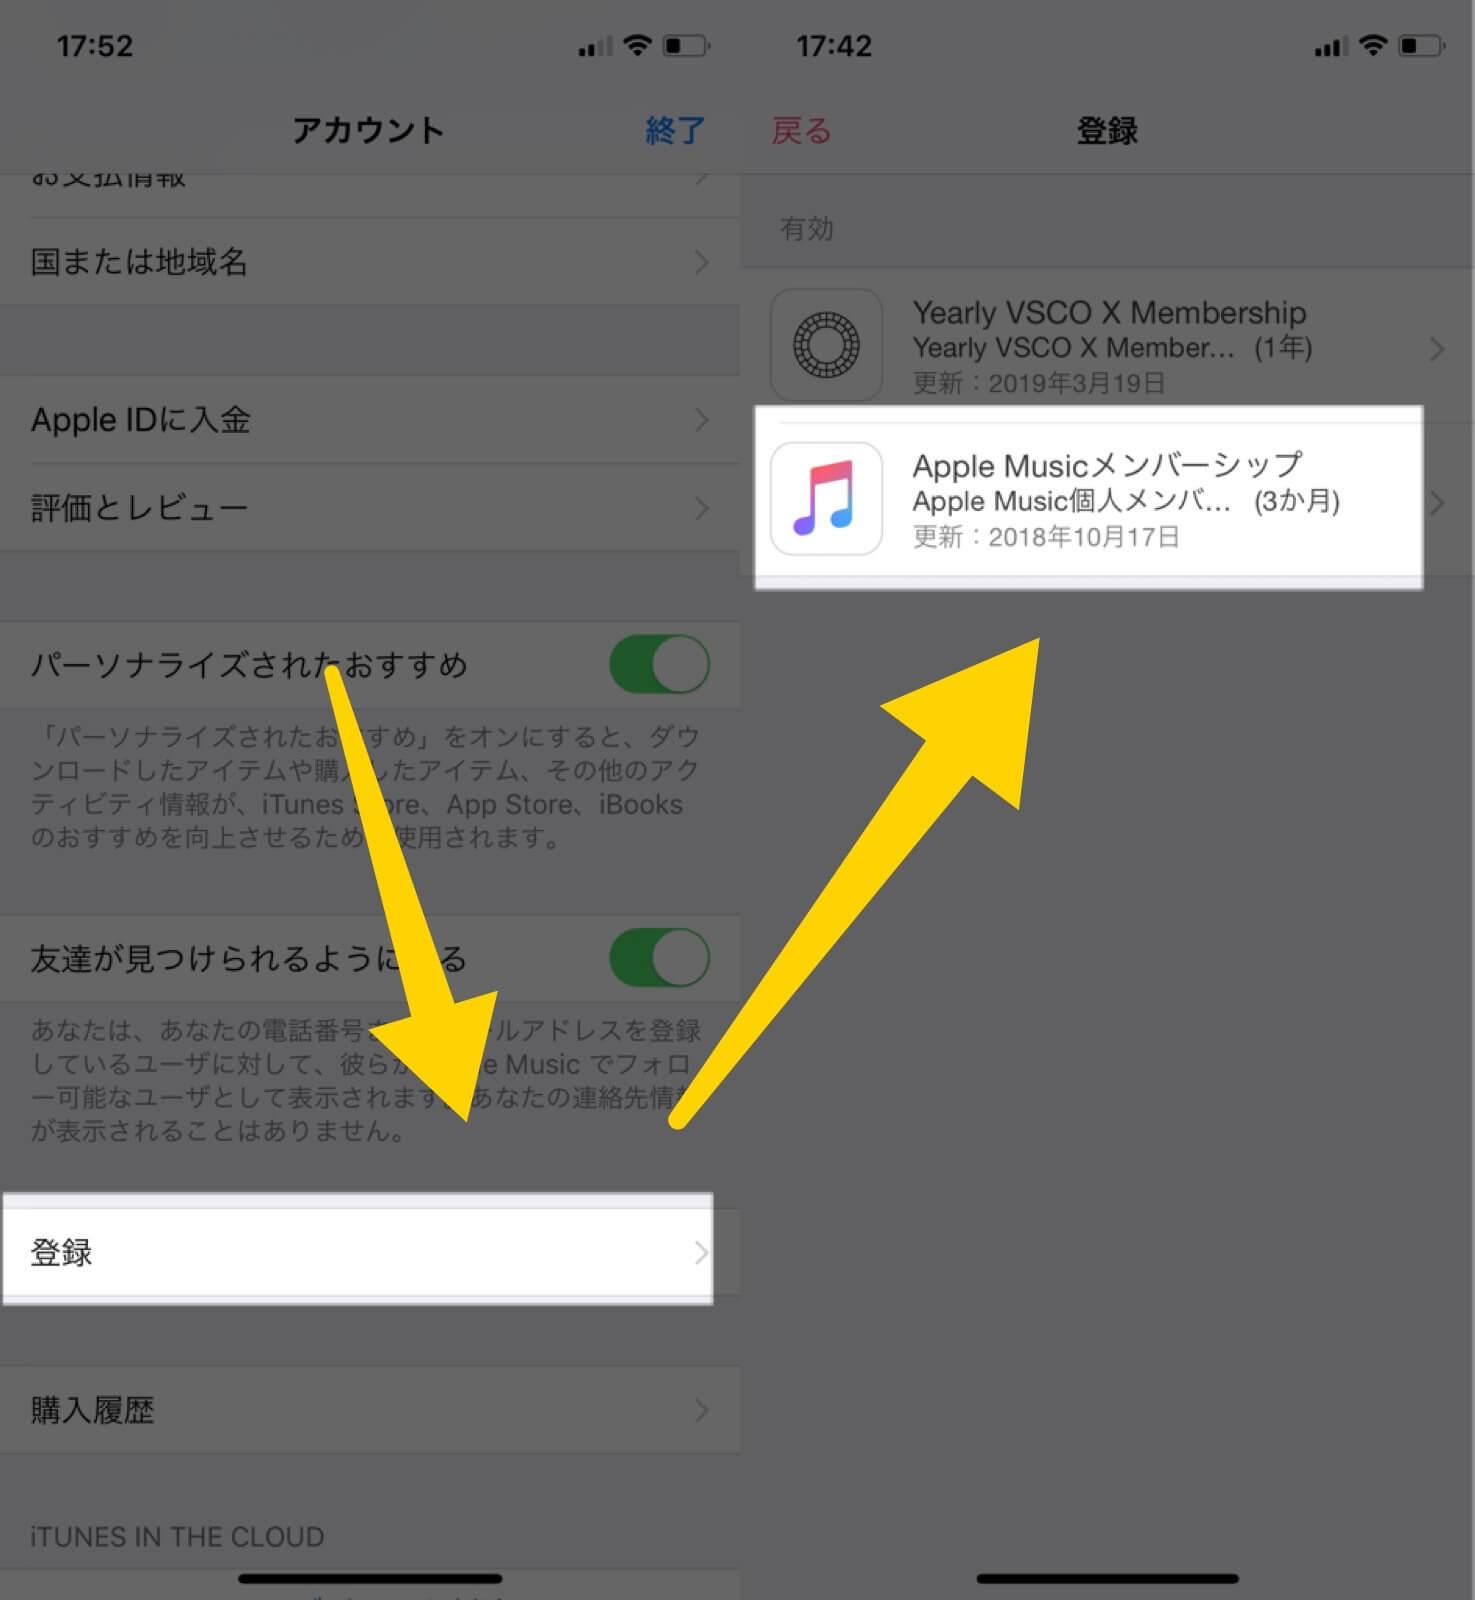 【登録】からApple Musicを選択